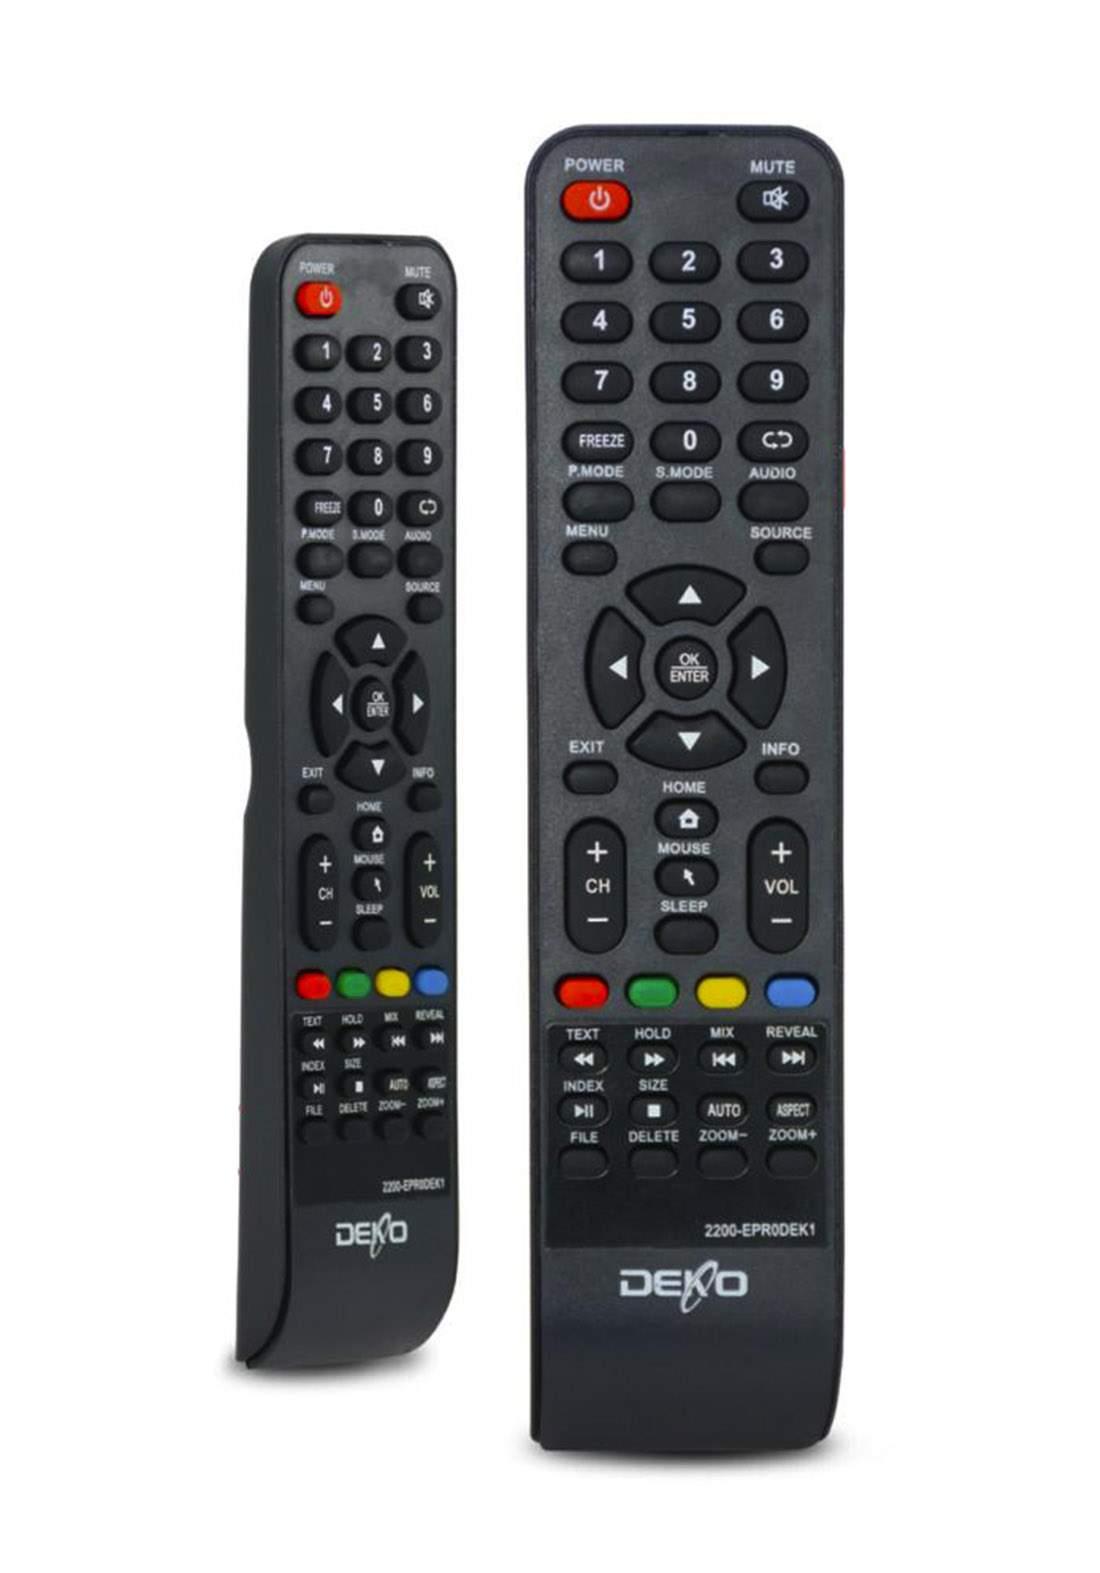 Remote Control For Deko Plasma TV (A-947) جهاز تحكم عن بعد